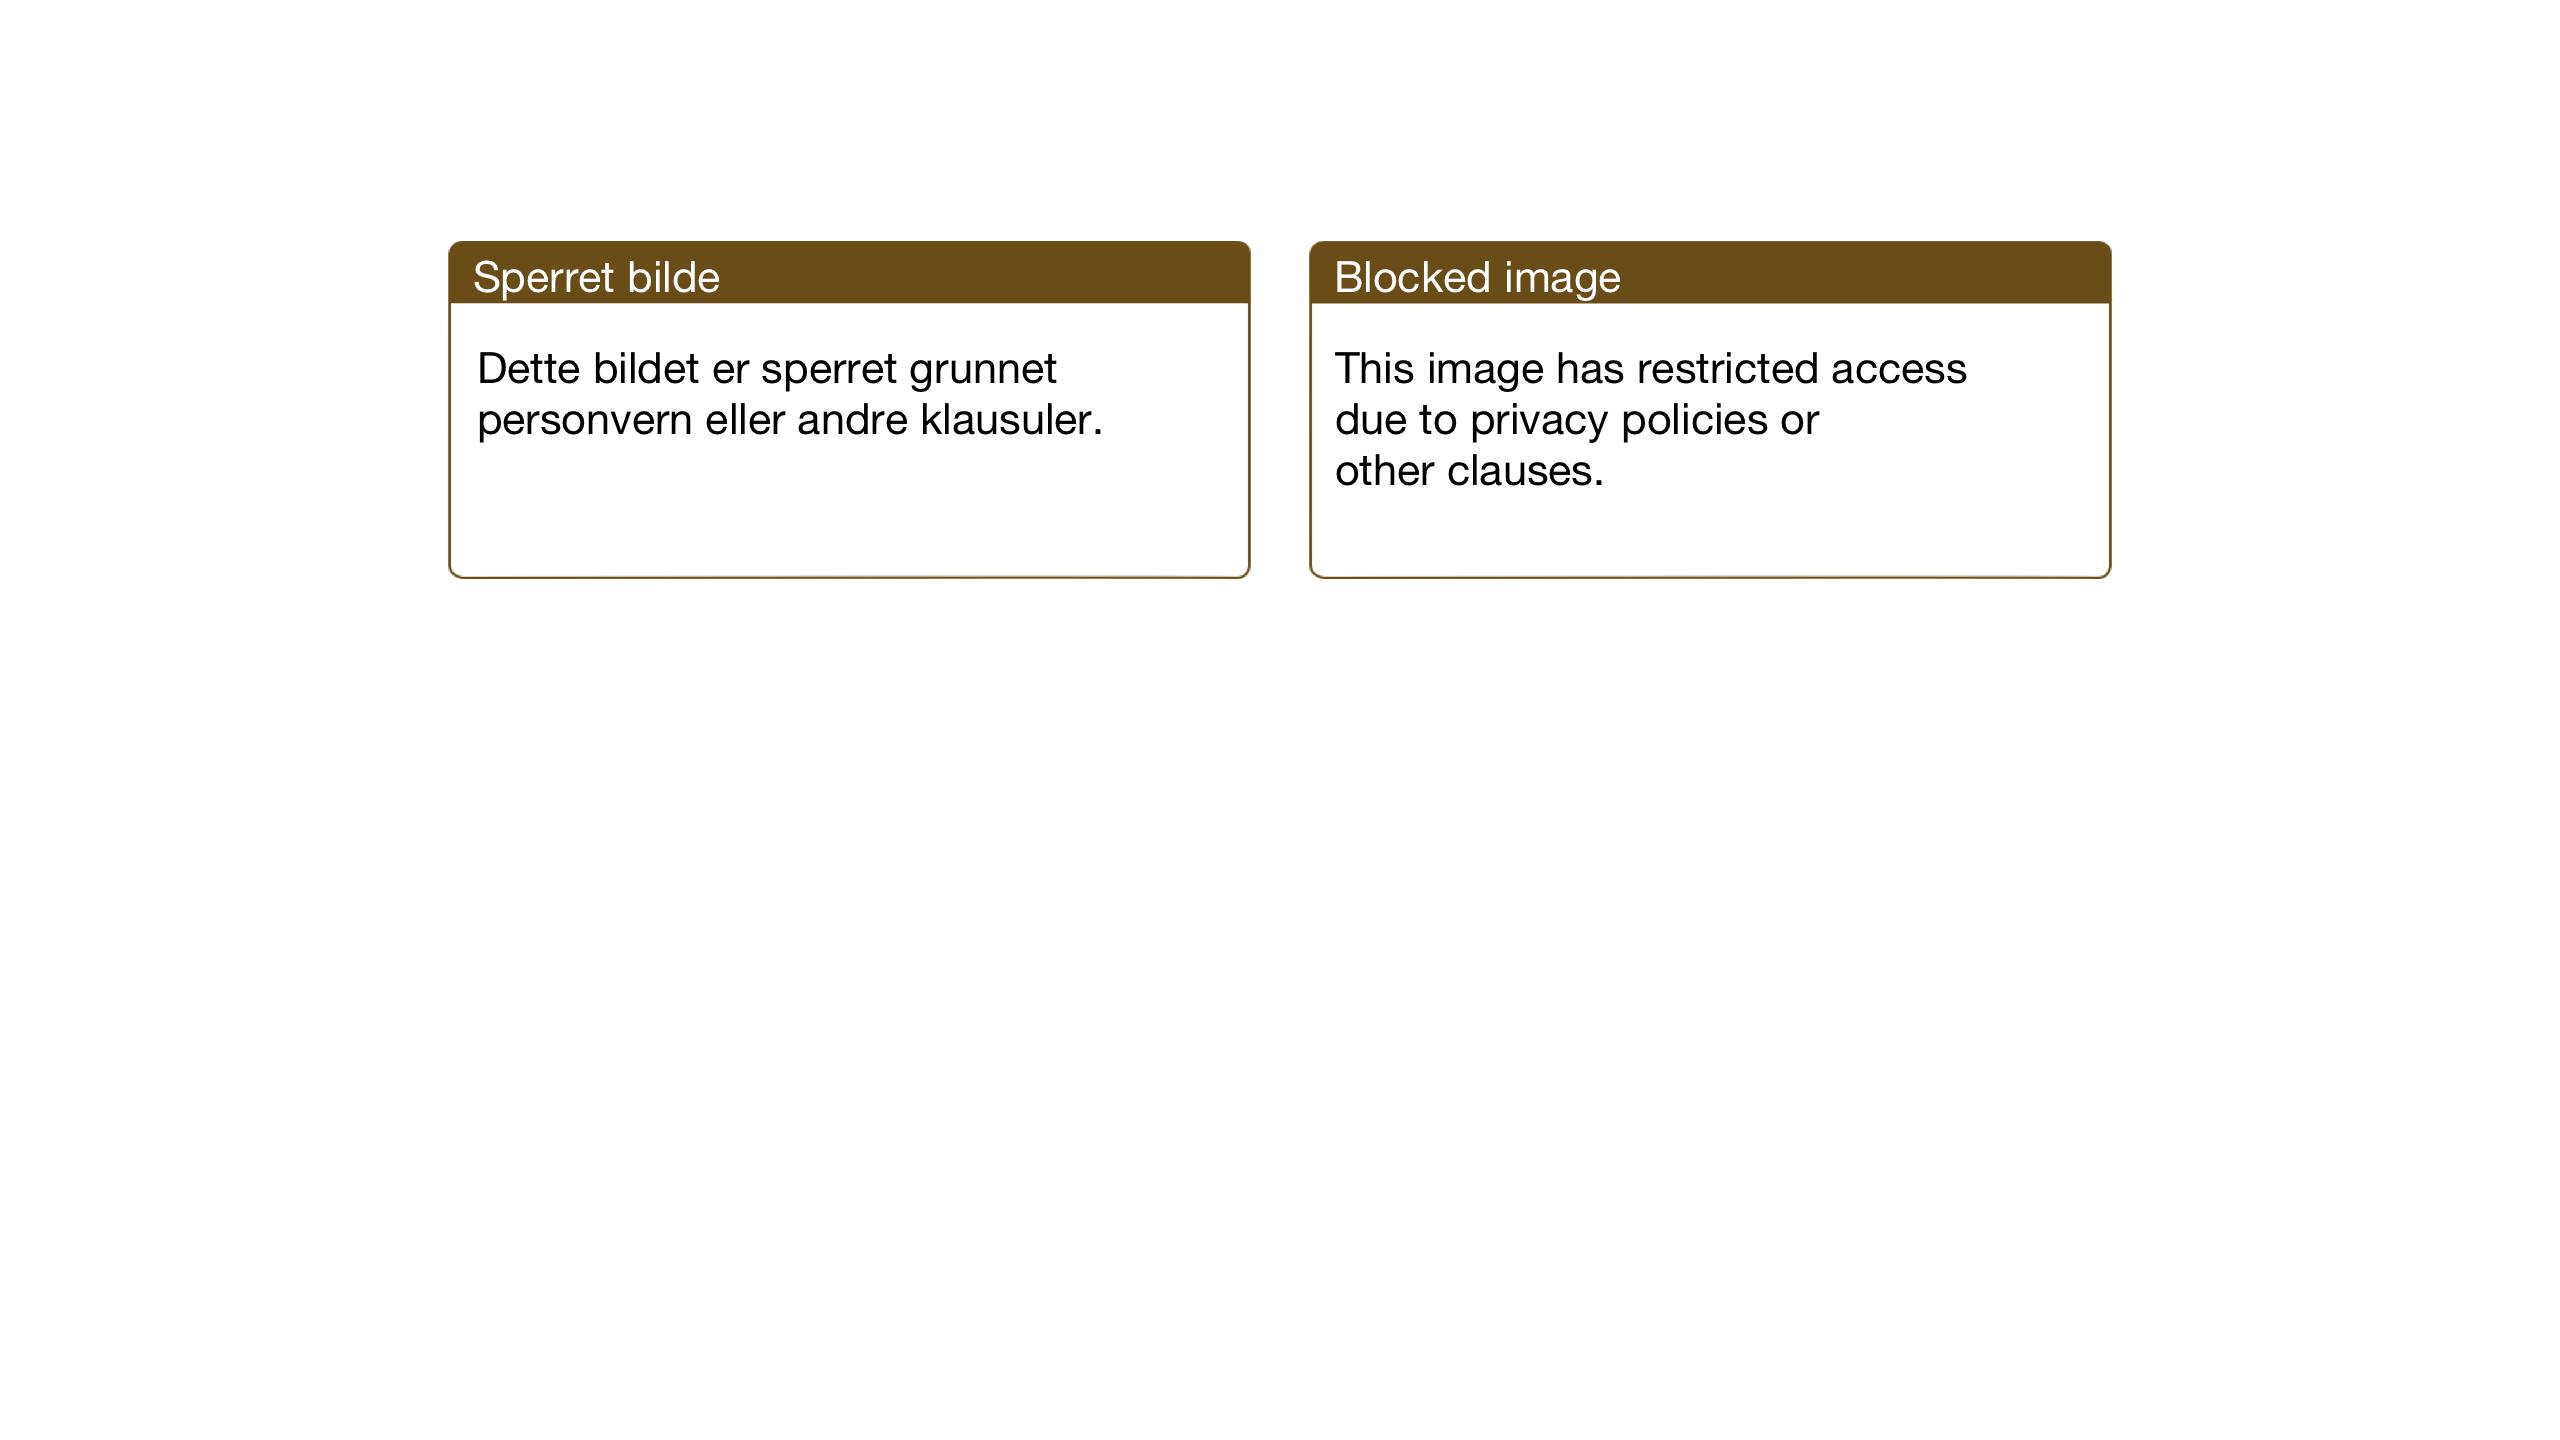 SAT, Ministerialprotokoller, klokkerbøker og fødselsregistre - Sør-Trøndelag, 602/L0153: Klokkerbok nr. 602C21, 1940-1949, s. 151